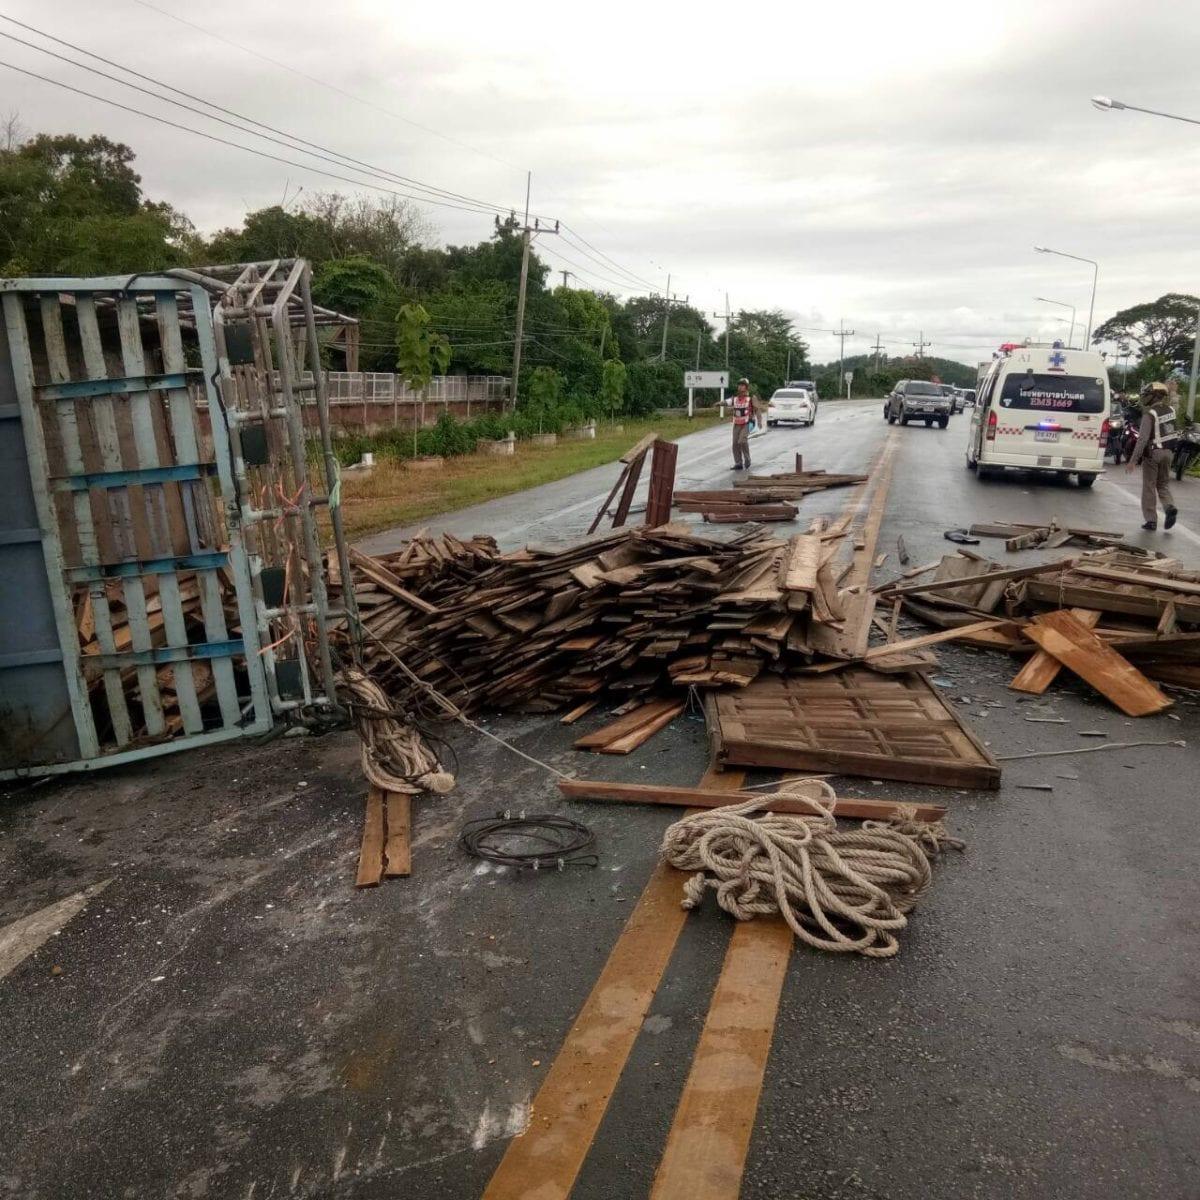 รถ 6 ล้อยางแตก เสียหลักเทกระจาดกลางถนนที่ป่าแดด ตาย 1 เจ็บ 4